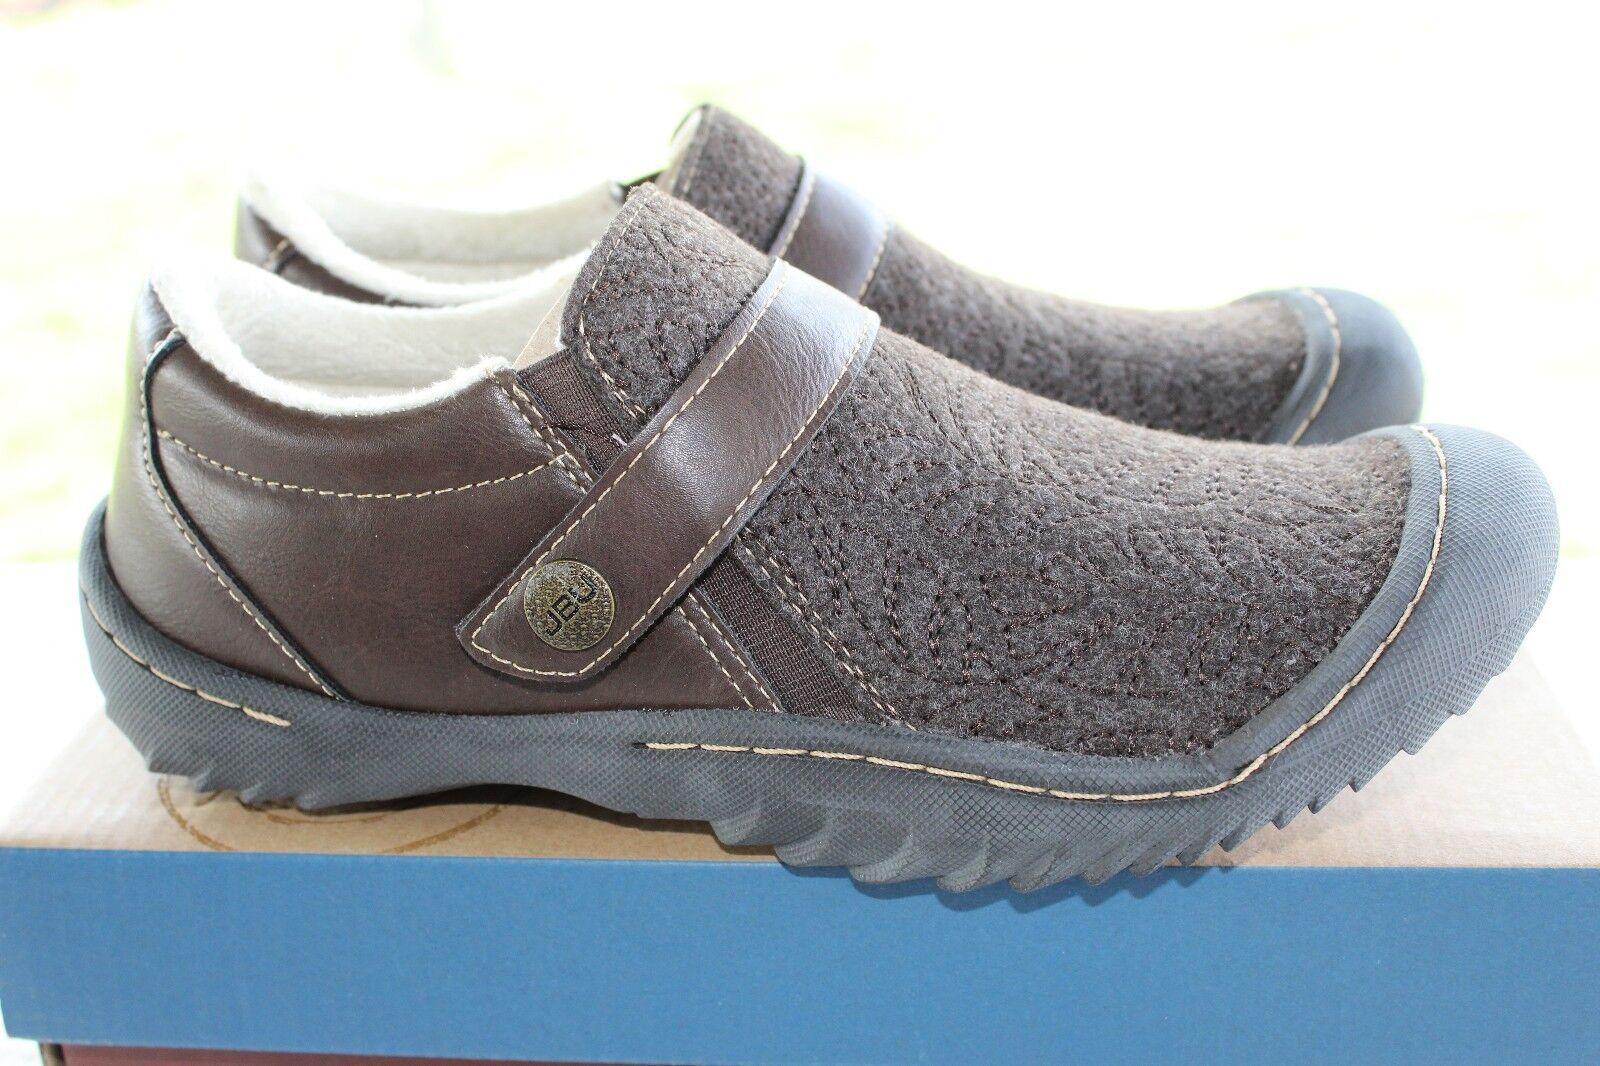 NEU   JBU Jambu Damens Blakely Vegan Slip On Schuhe - Choice Farbe / Größe – NIB